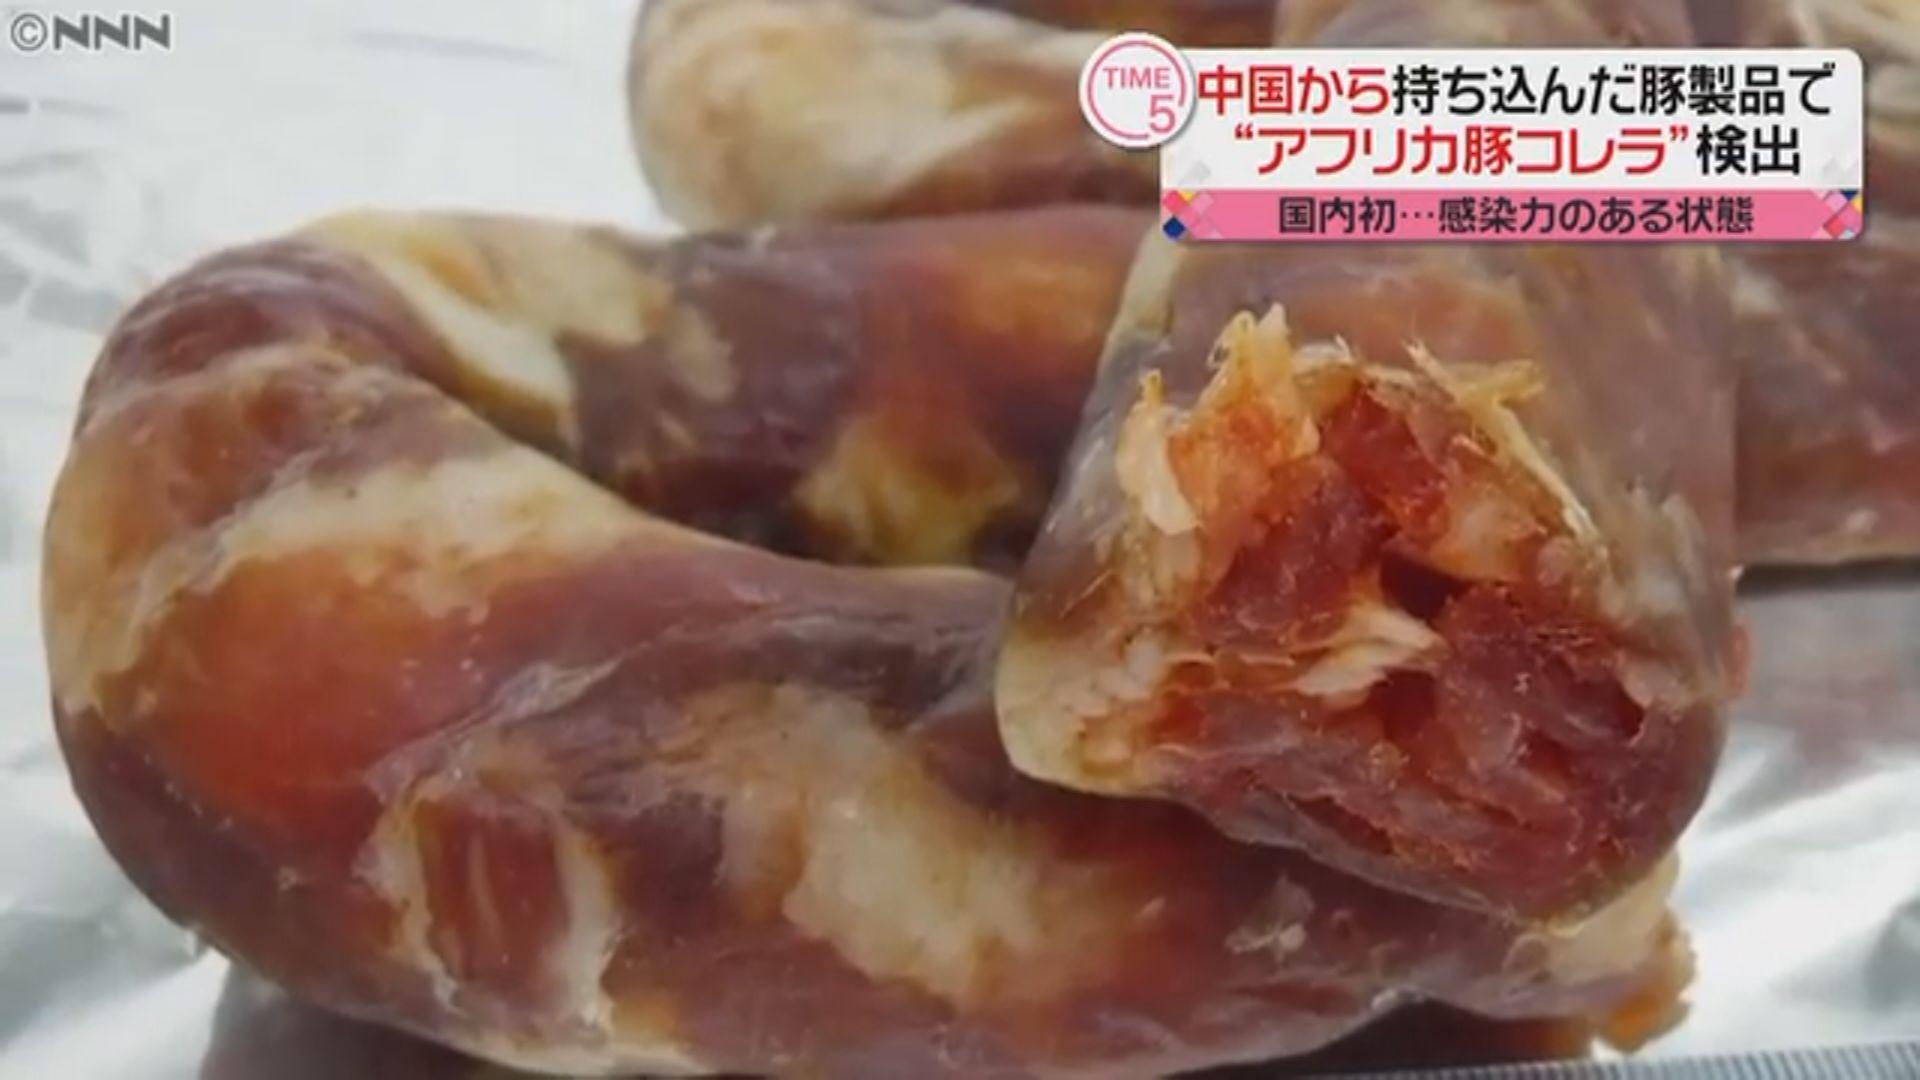 日本指中國旅客帶入境豬肉腸含非洲豬瘟病毒